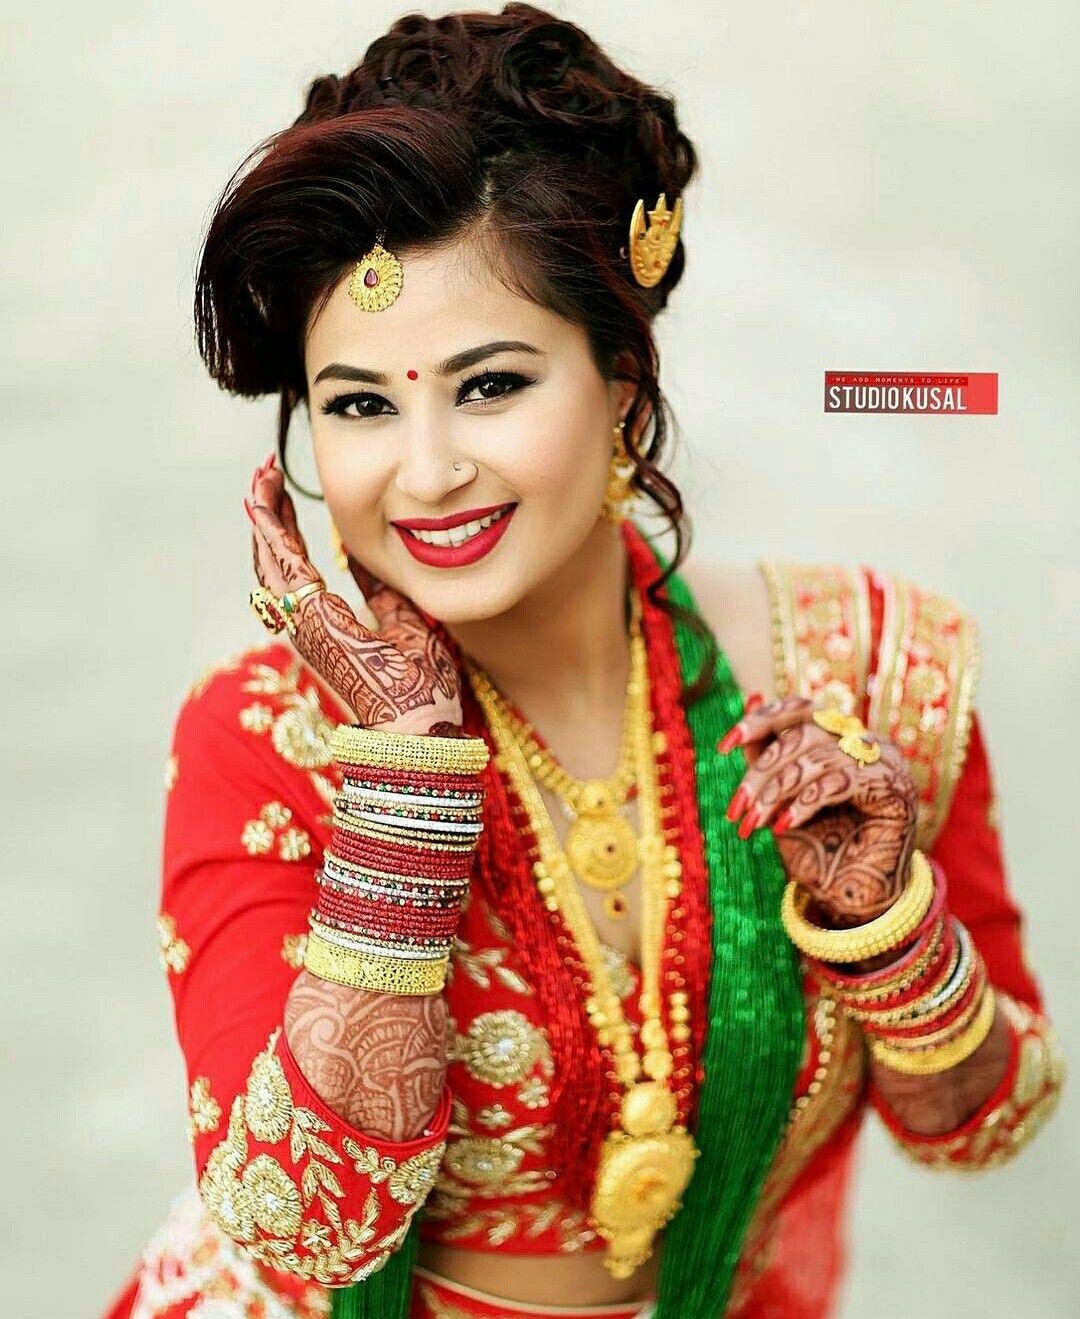 Pathivara photo studio pathivarap on pinterest